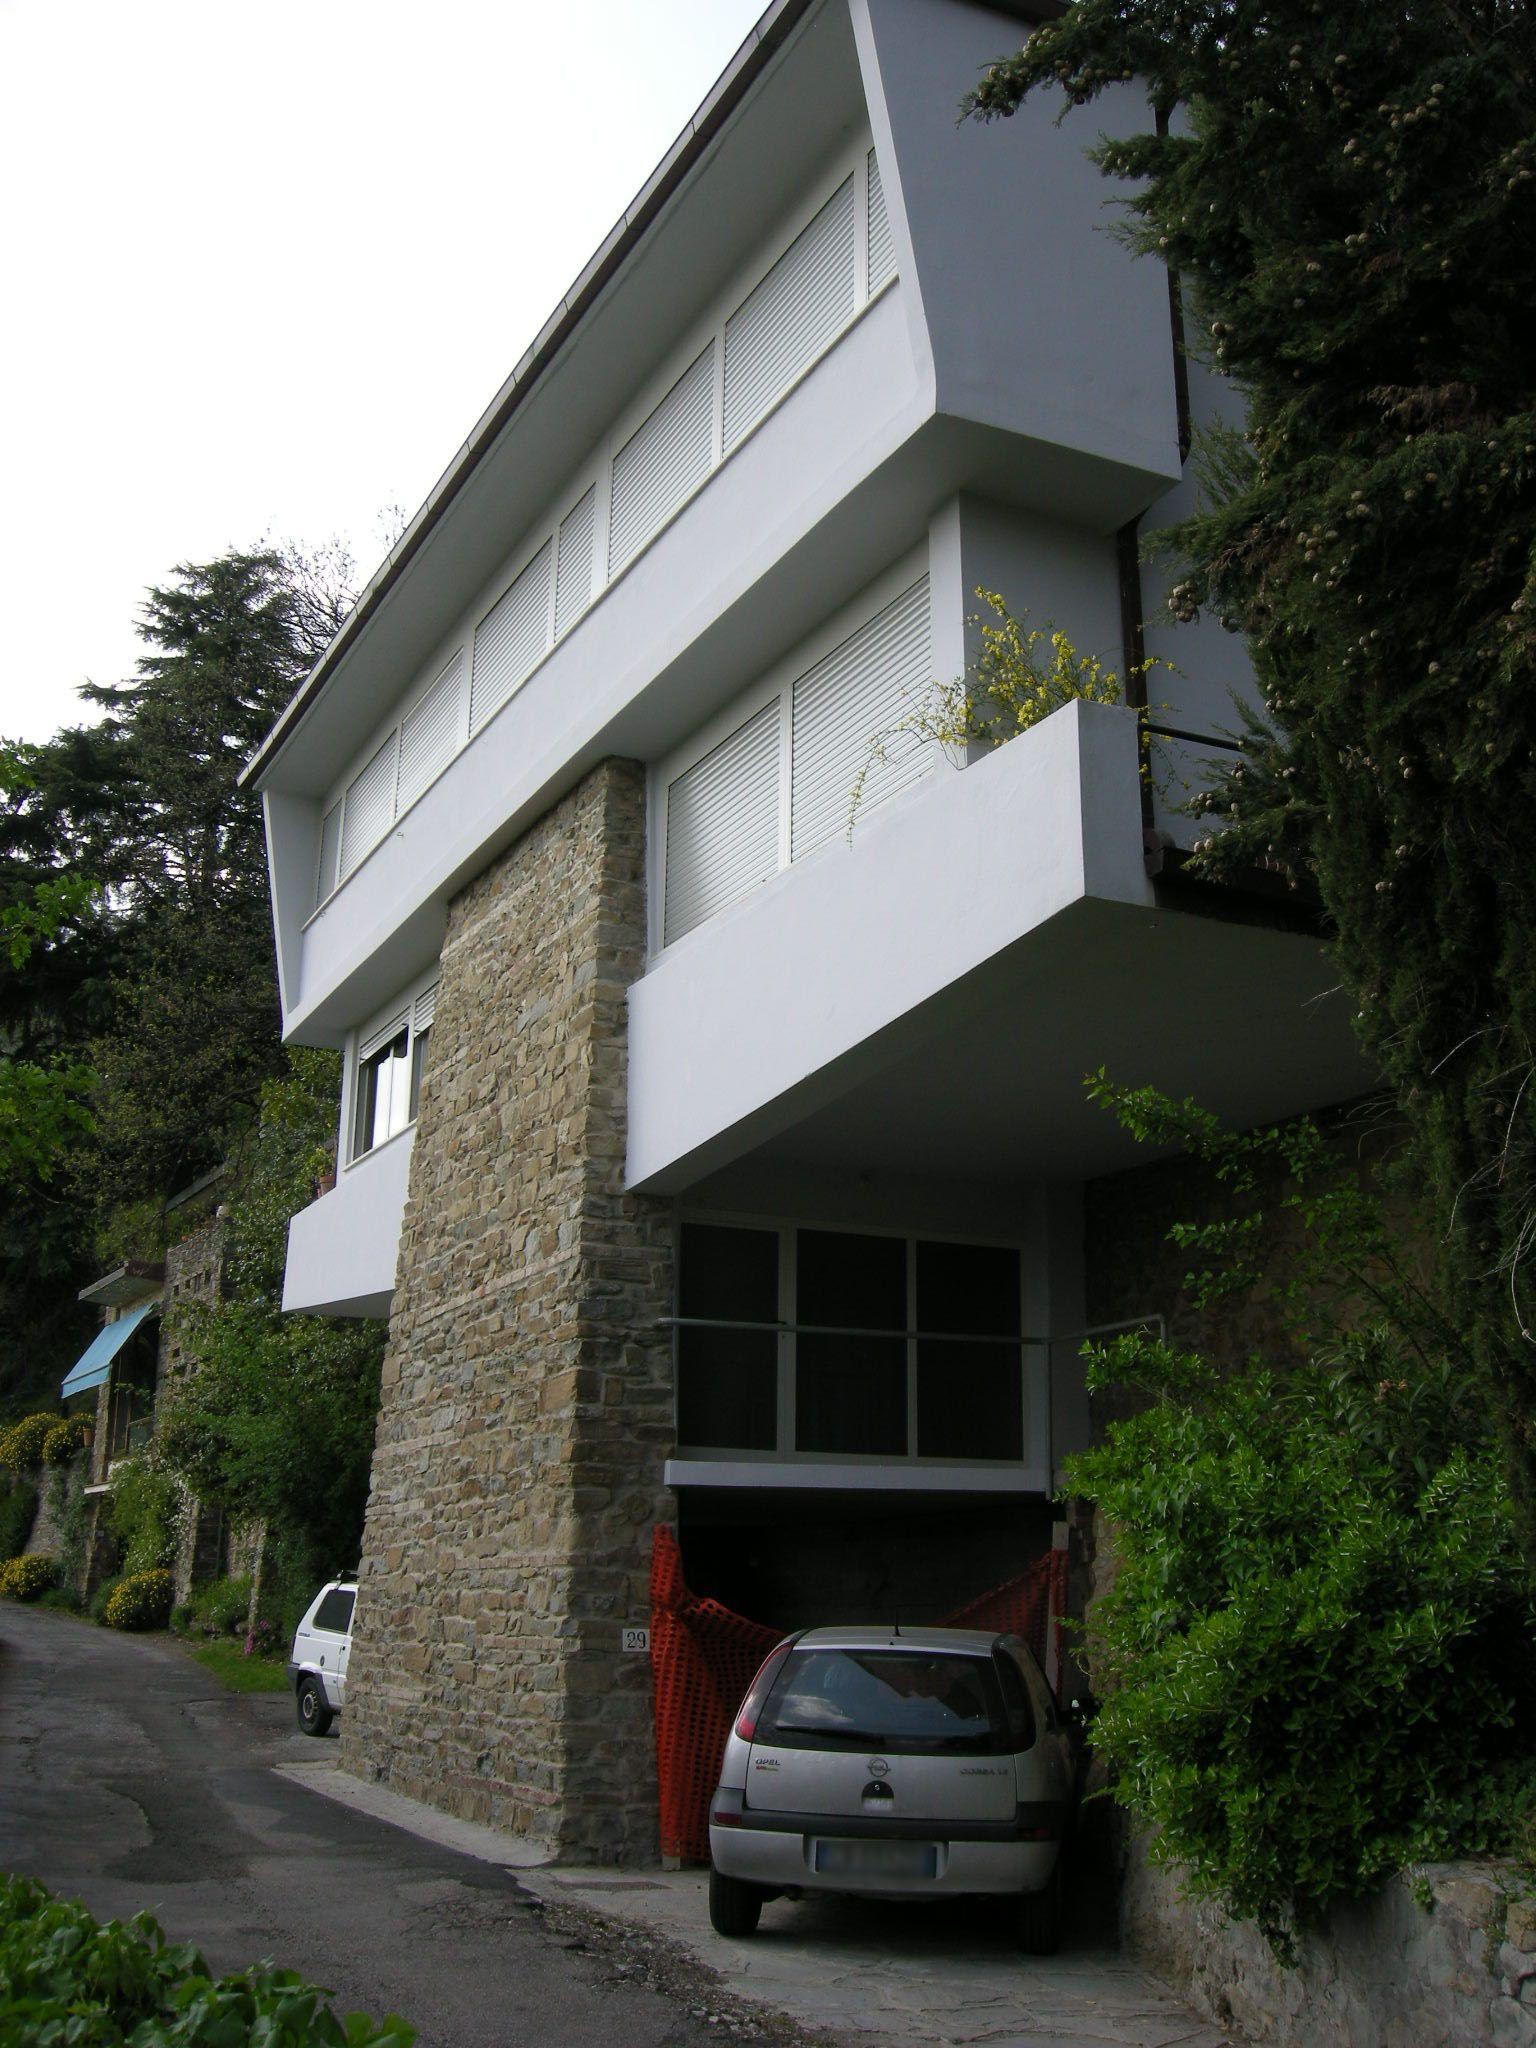 Leonardo ricci complesso di monterinaldi 3 architettura leonardo ricci 1918 1994 - Ricci casa milano ...